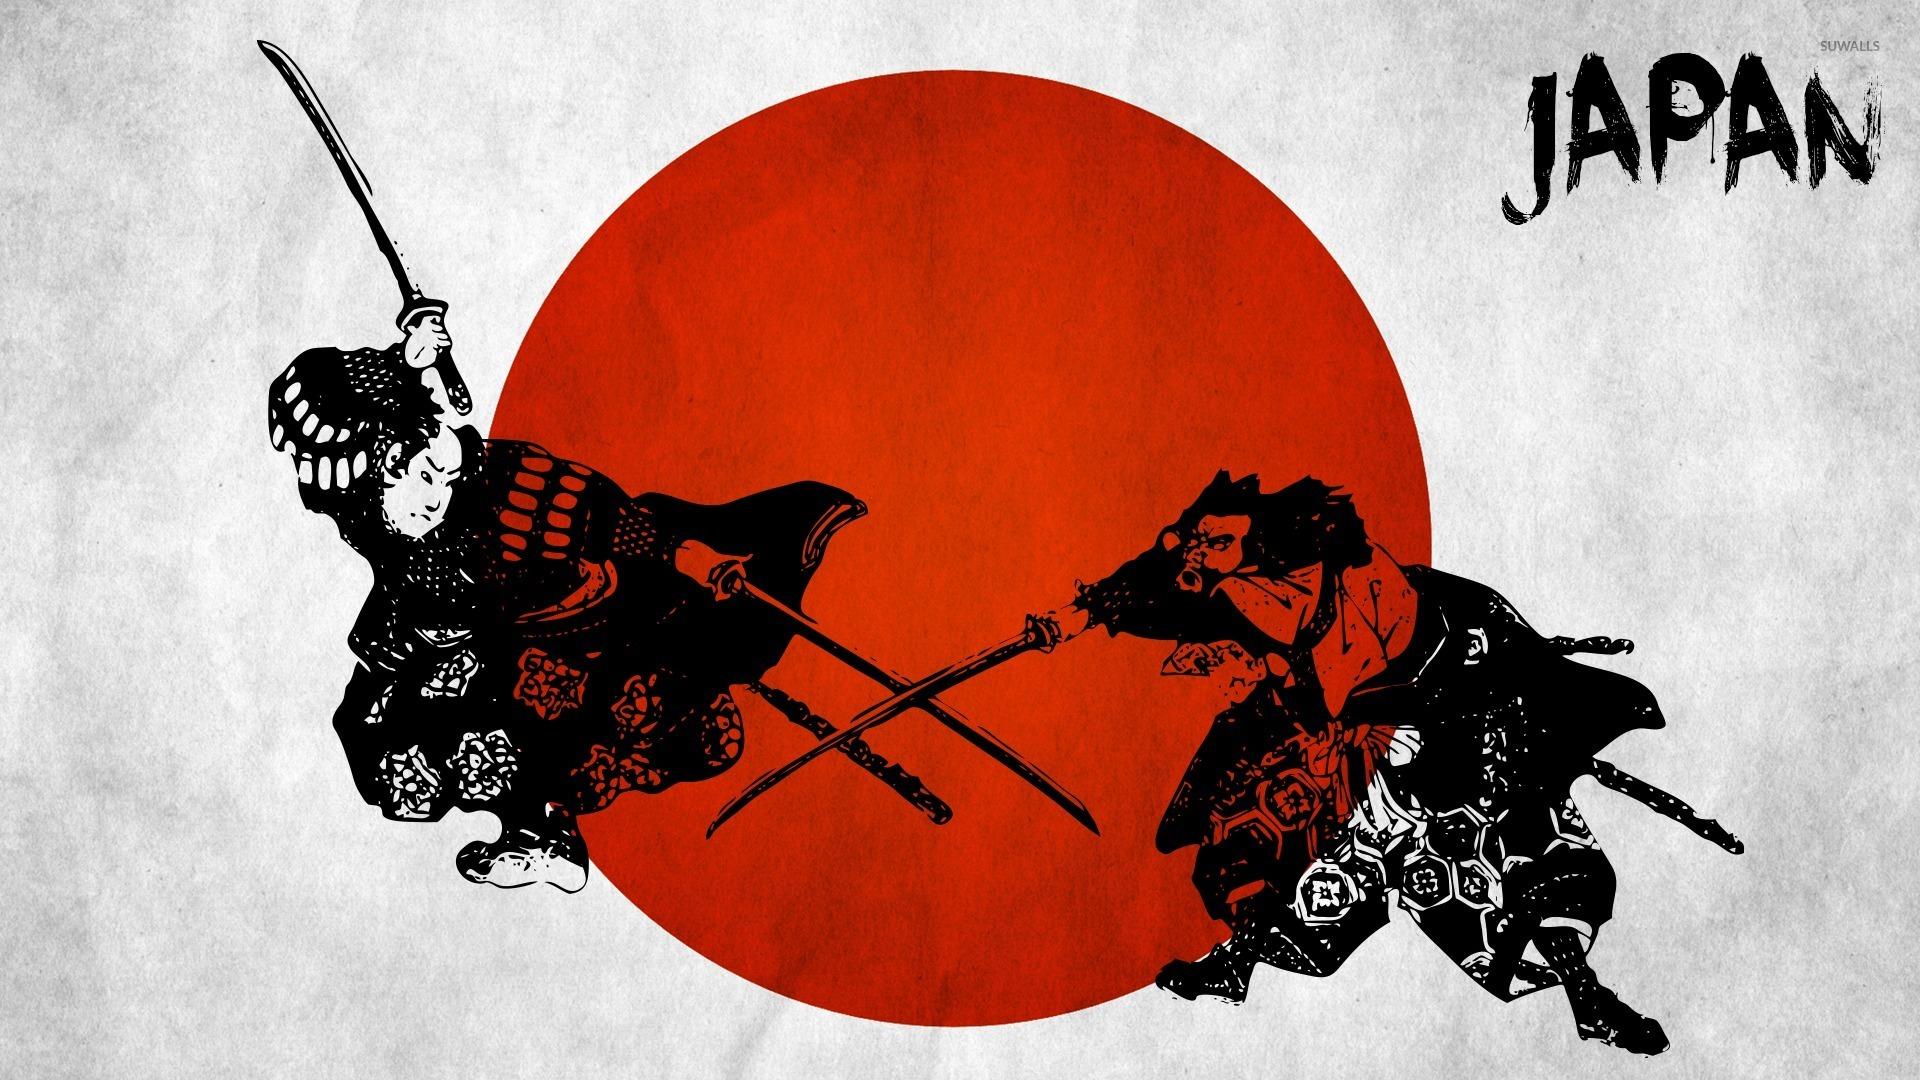 Samurai fighting wallpaper Digital Art wallpapers 52346